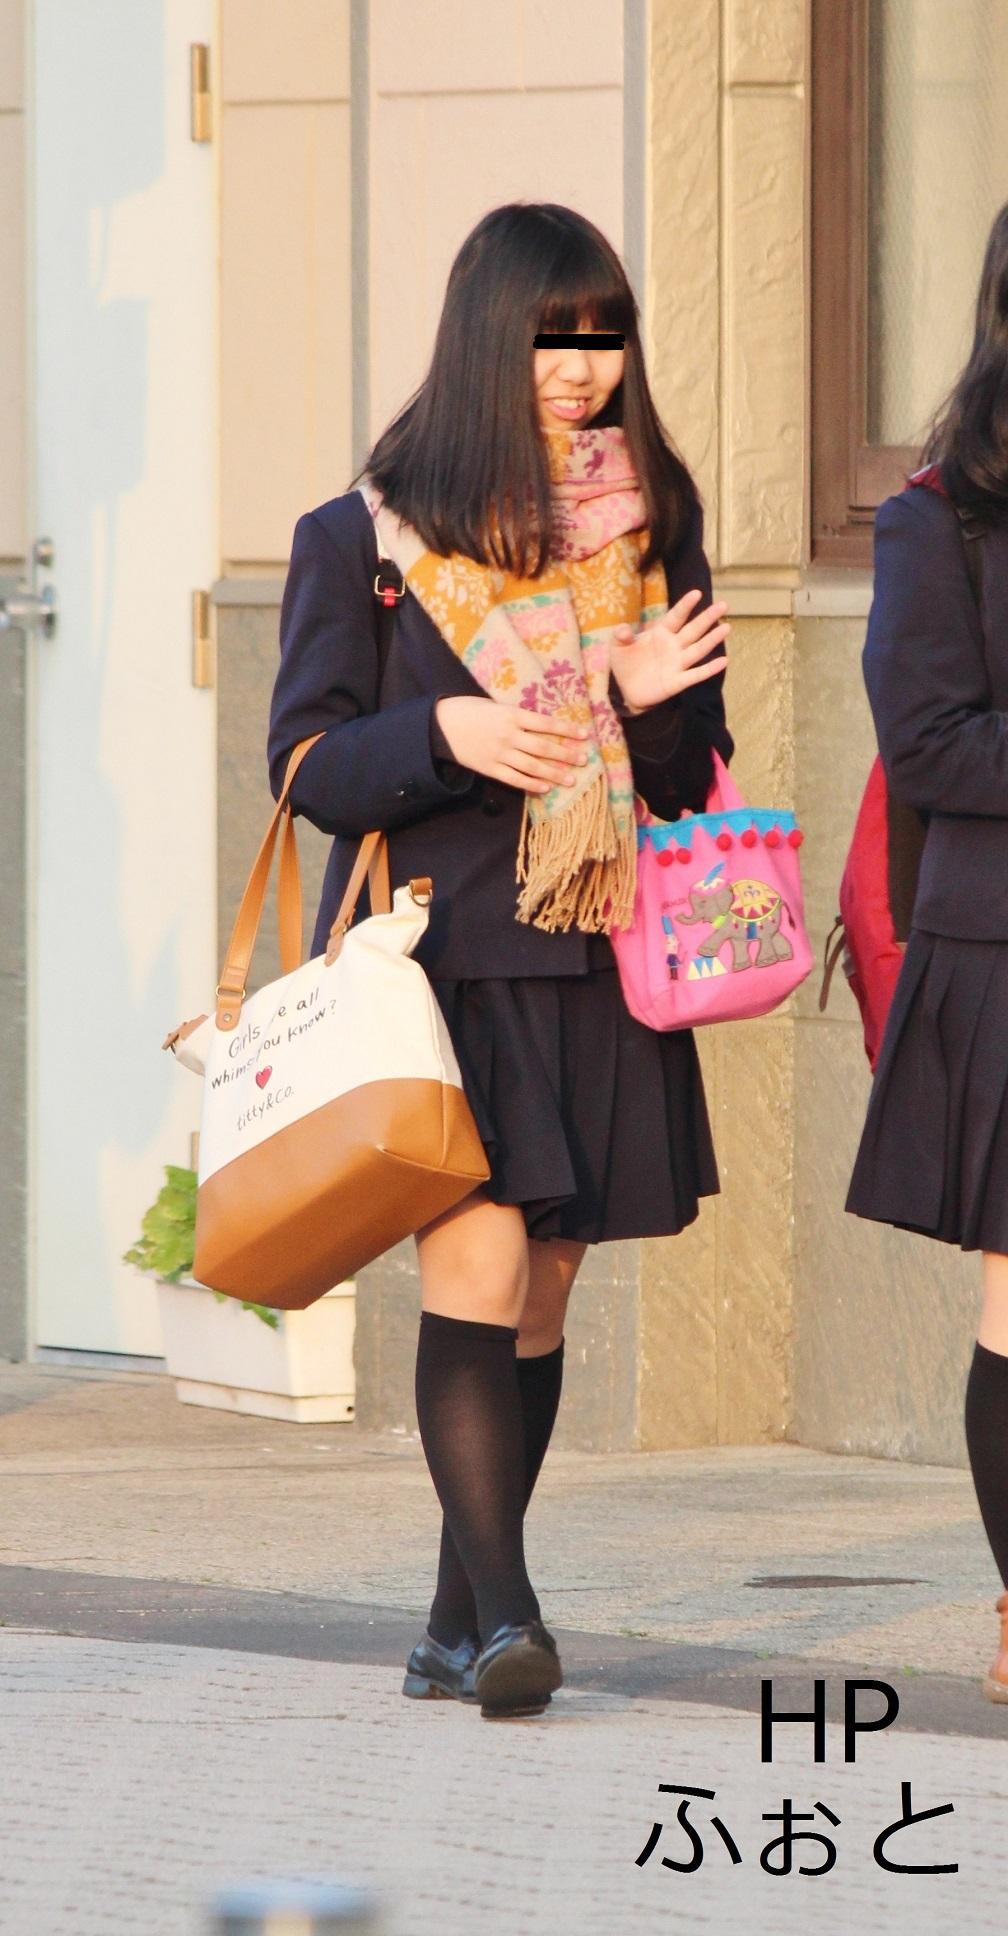 【街撮りJKエロ画像】ミニスカ履いて生脚さえ出していれば大方は満足させてしまいますね、JKであればwww  15